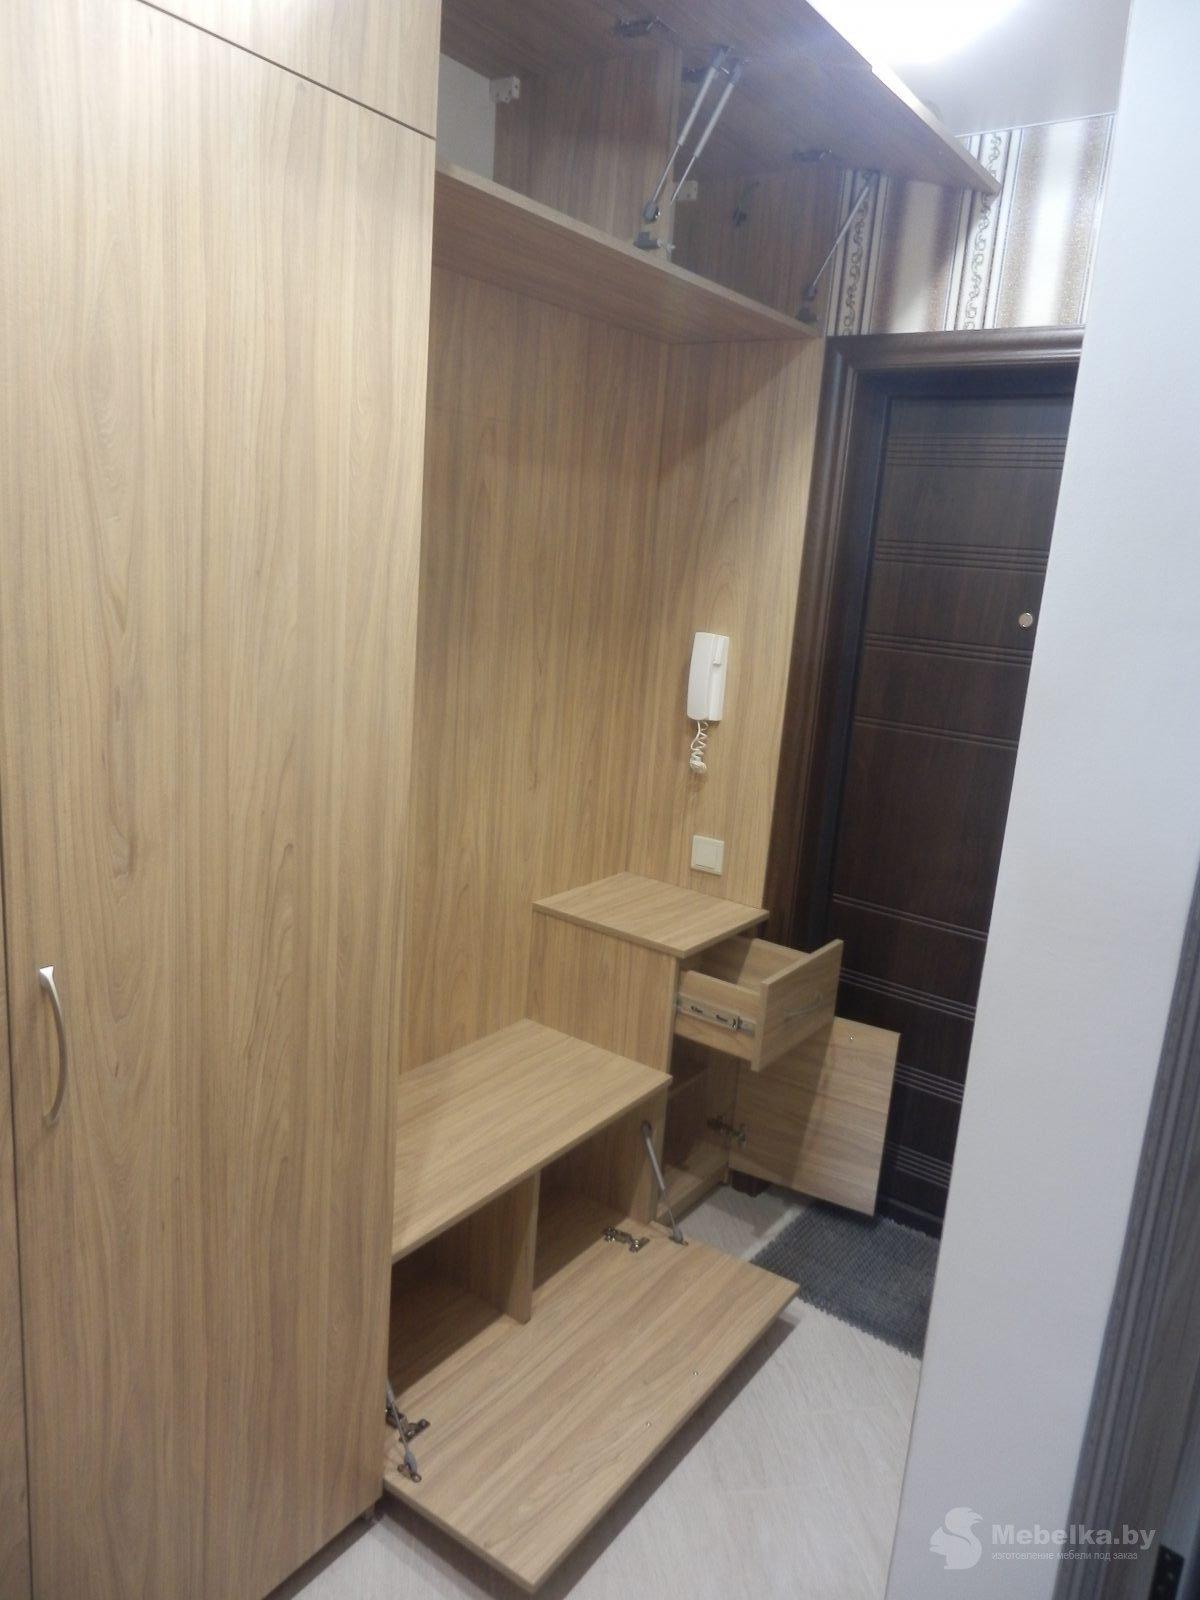 Прихожая со шкафом и антресолью, открытые ящики